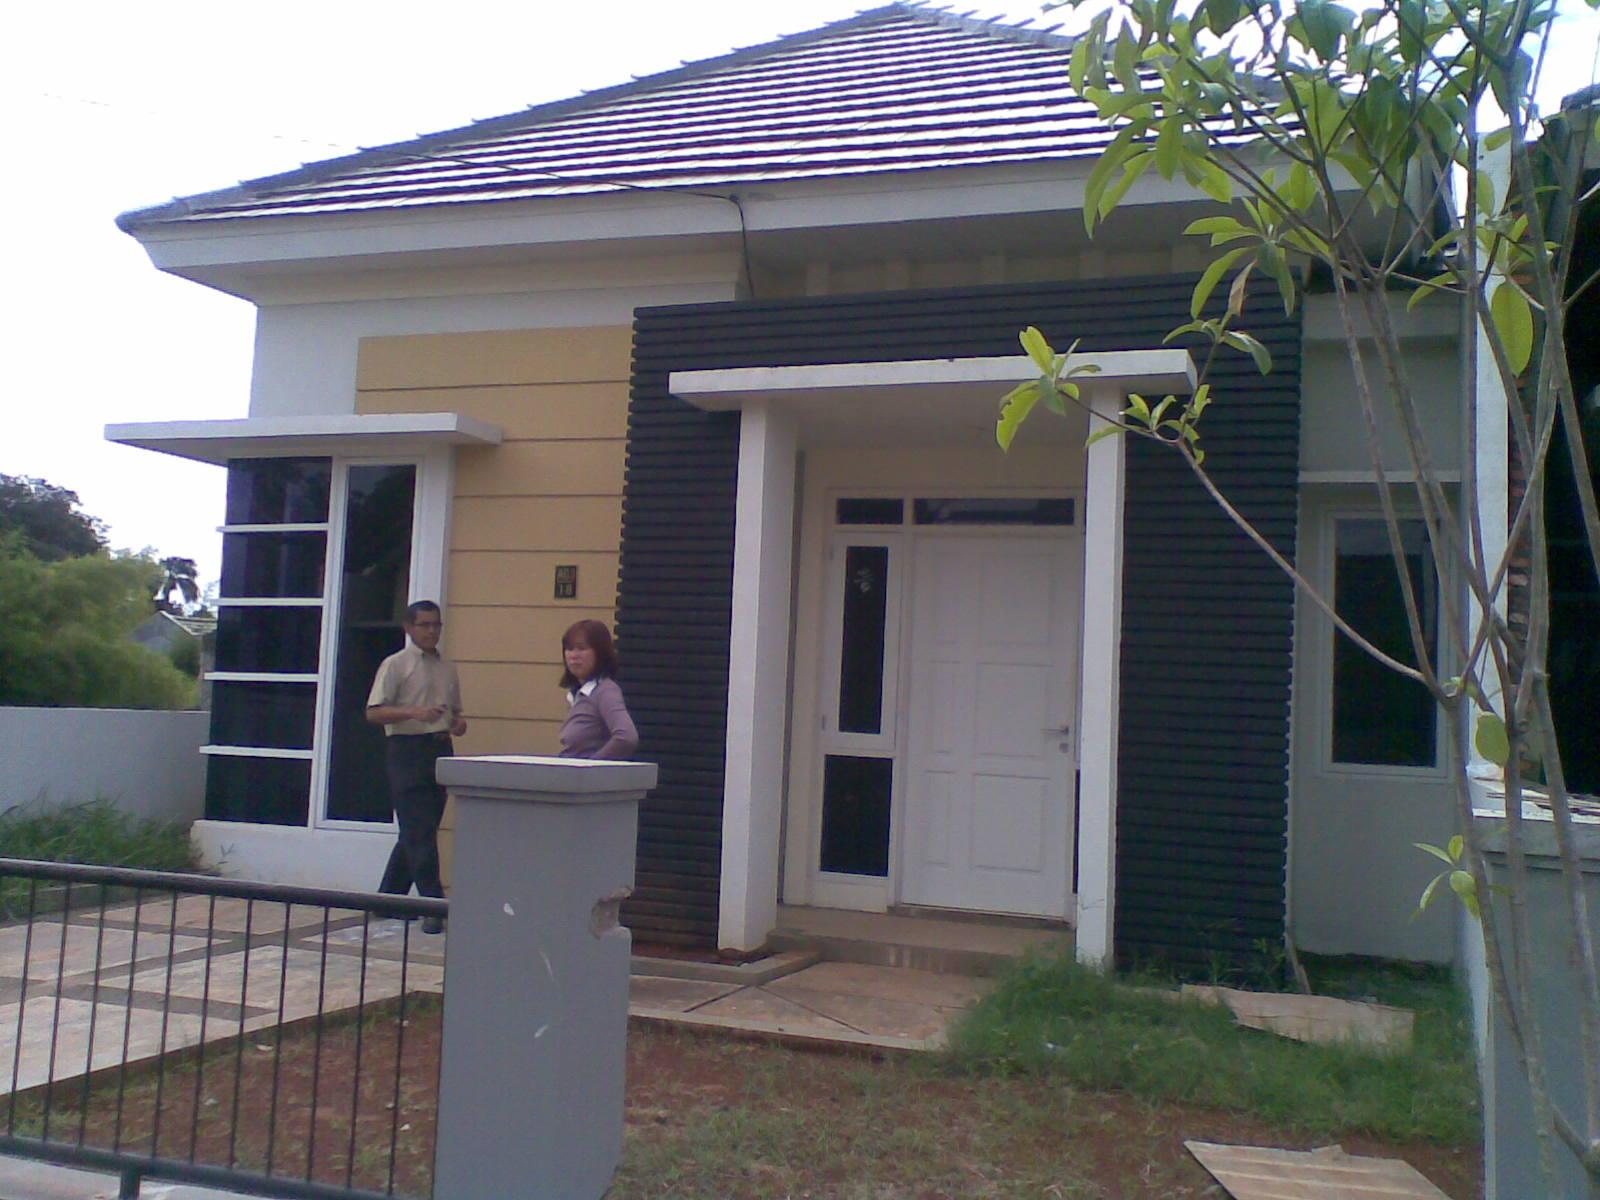 27 Gambar Rumah Minimalis Terbaru 2015  Rumah Minimalis